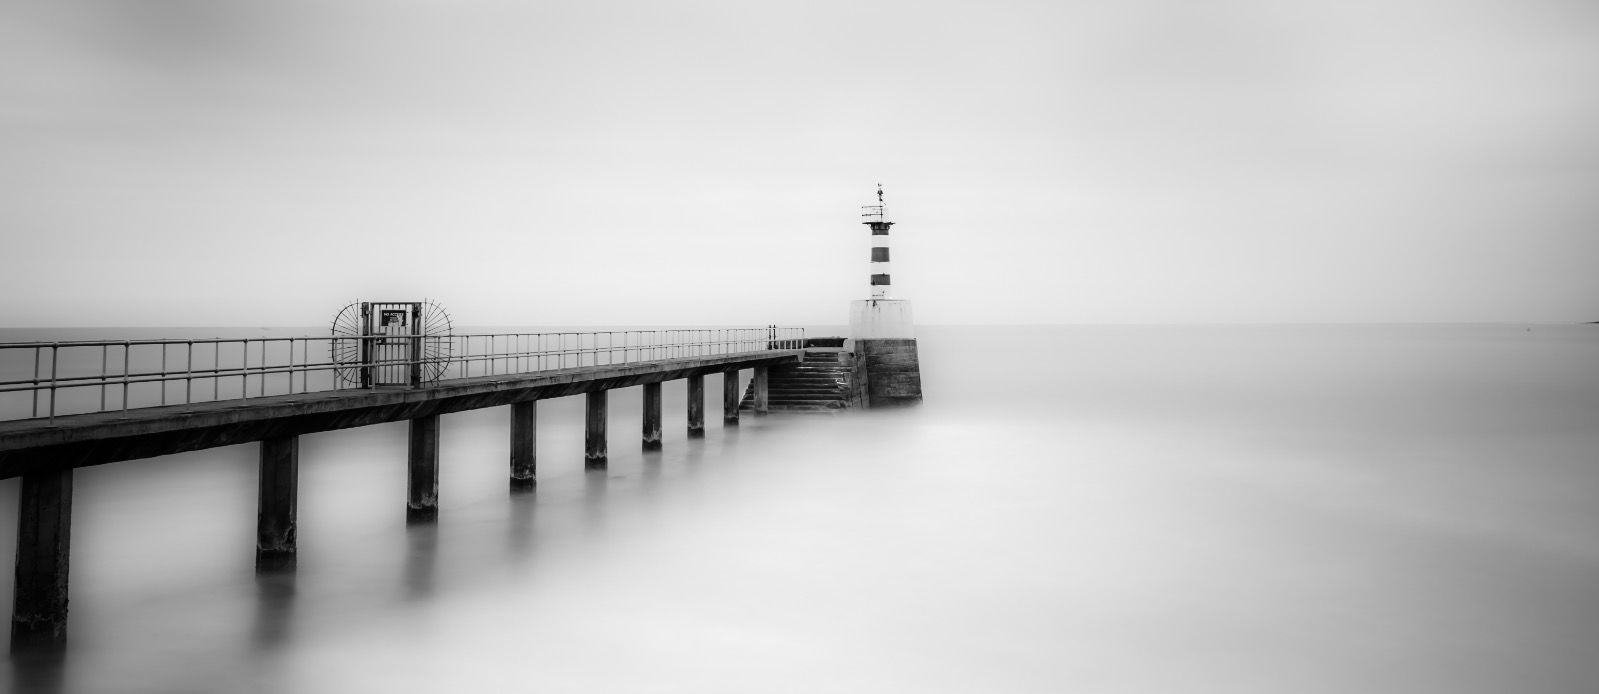 Amble Pier & Lighthouse